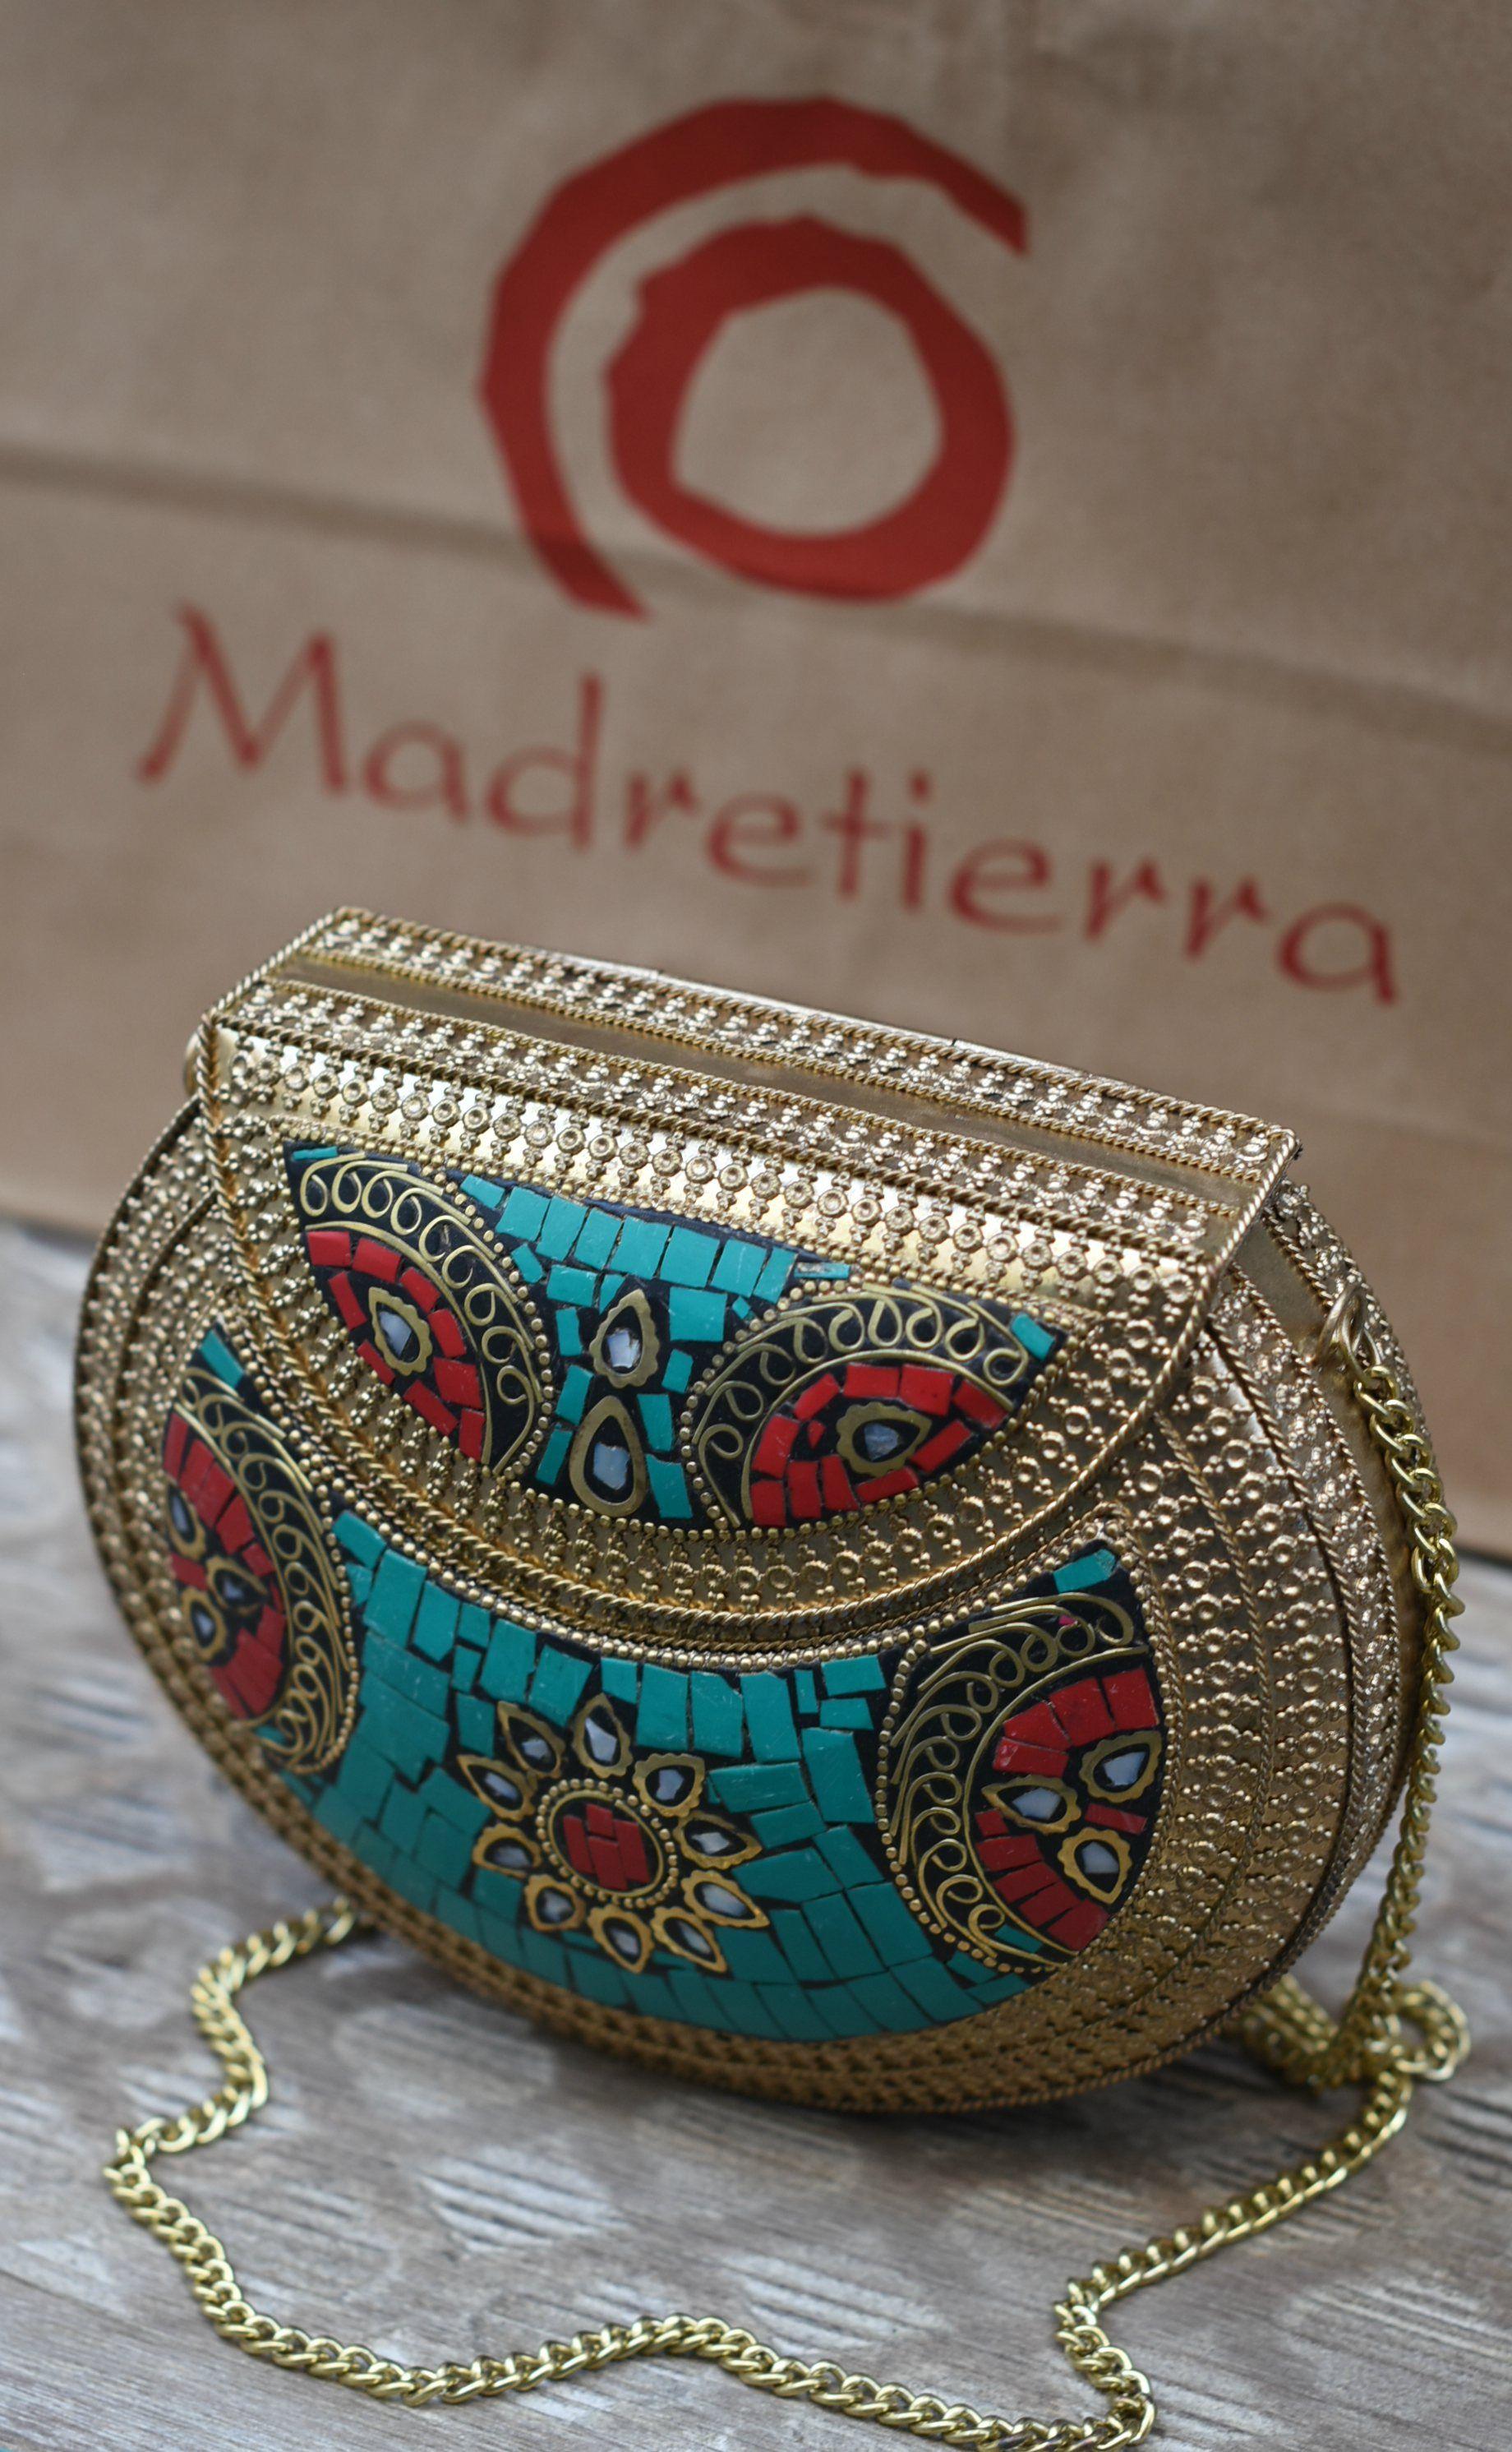 76748c1a6 Bolso Mosaico Rigido, Metal y Resina color Rojo y Turquesa. Para usar como  bolso